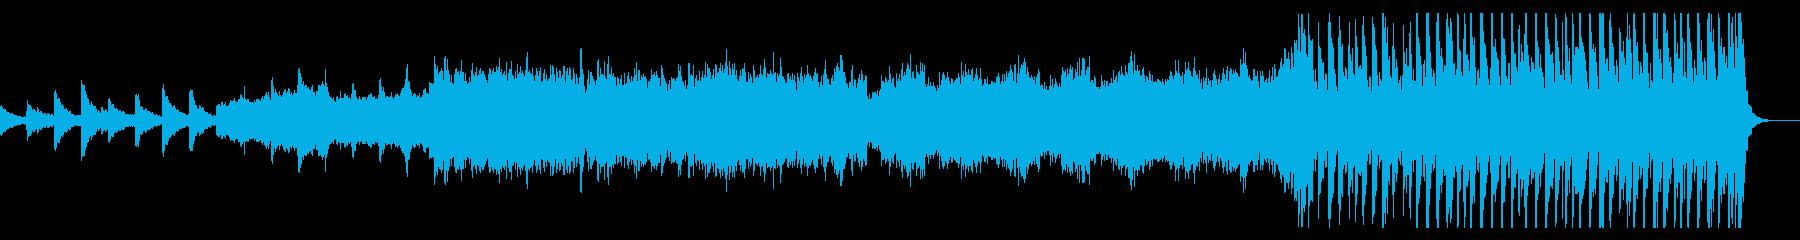 ダークで緊迫感と疾走感のある前向きな曲 の再生済みの波形